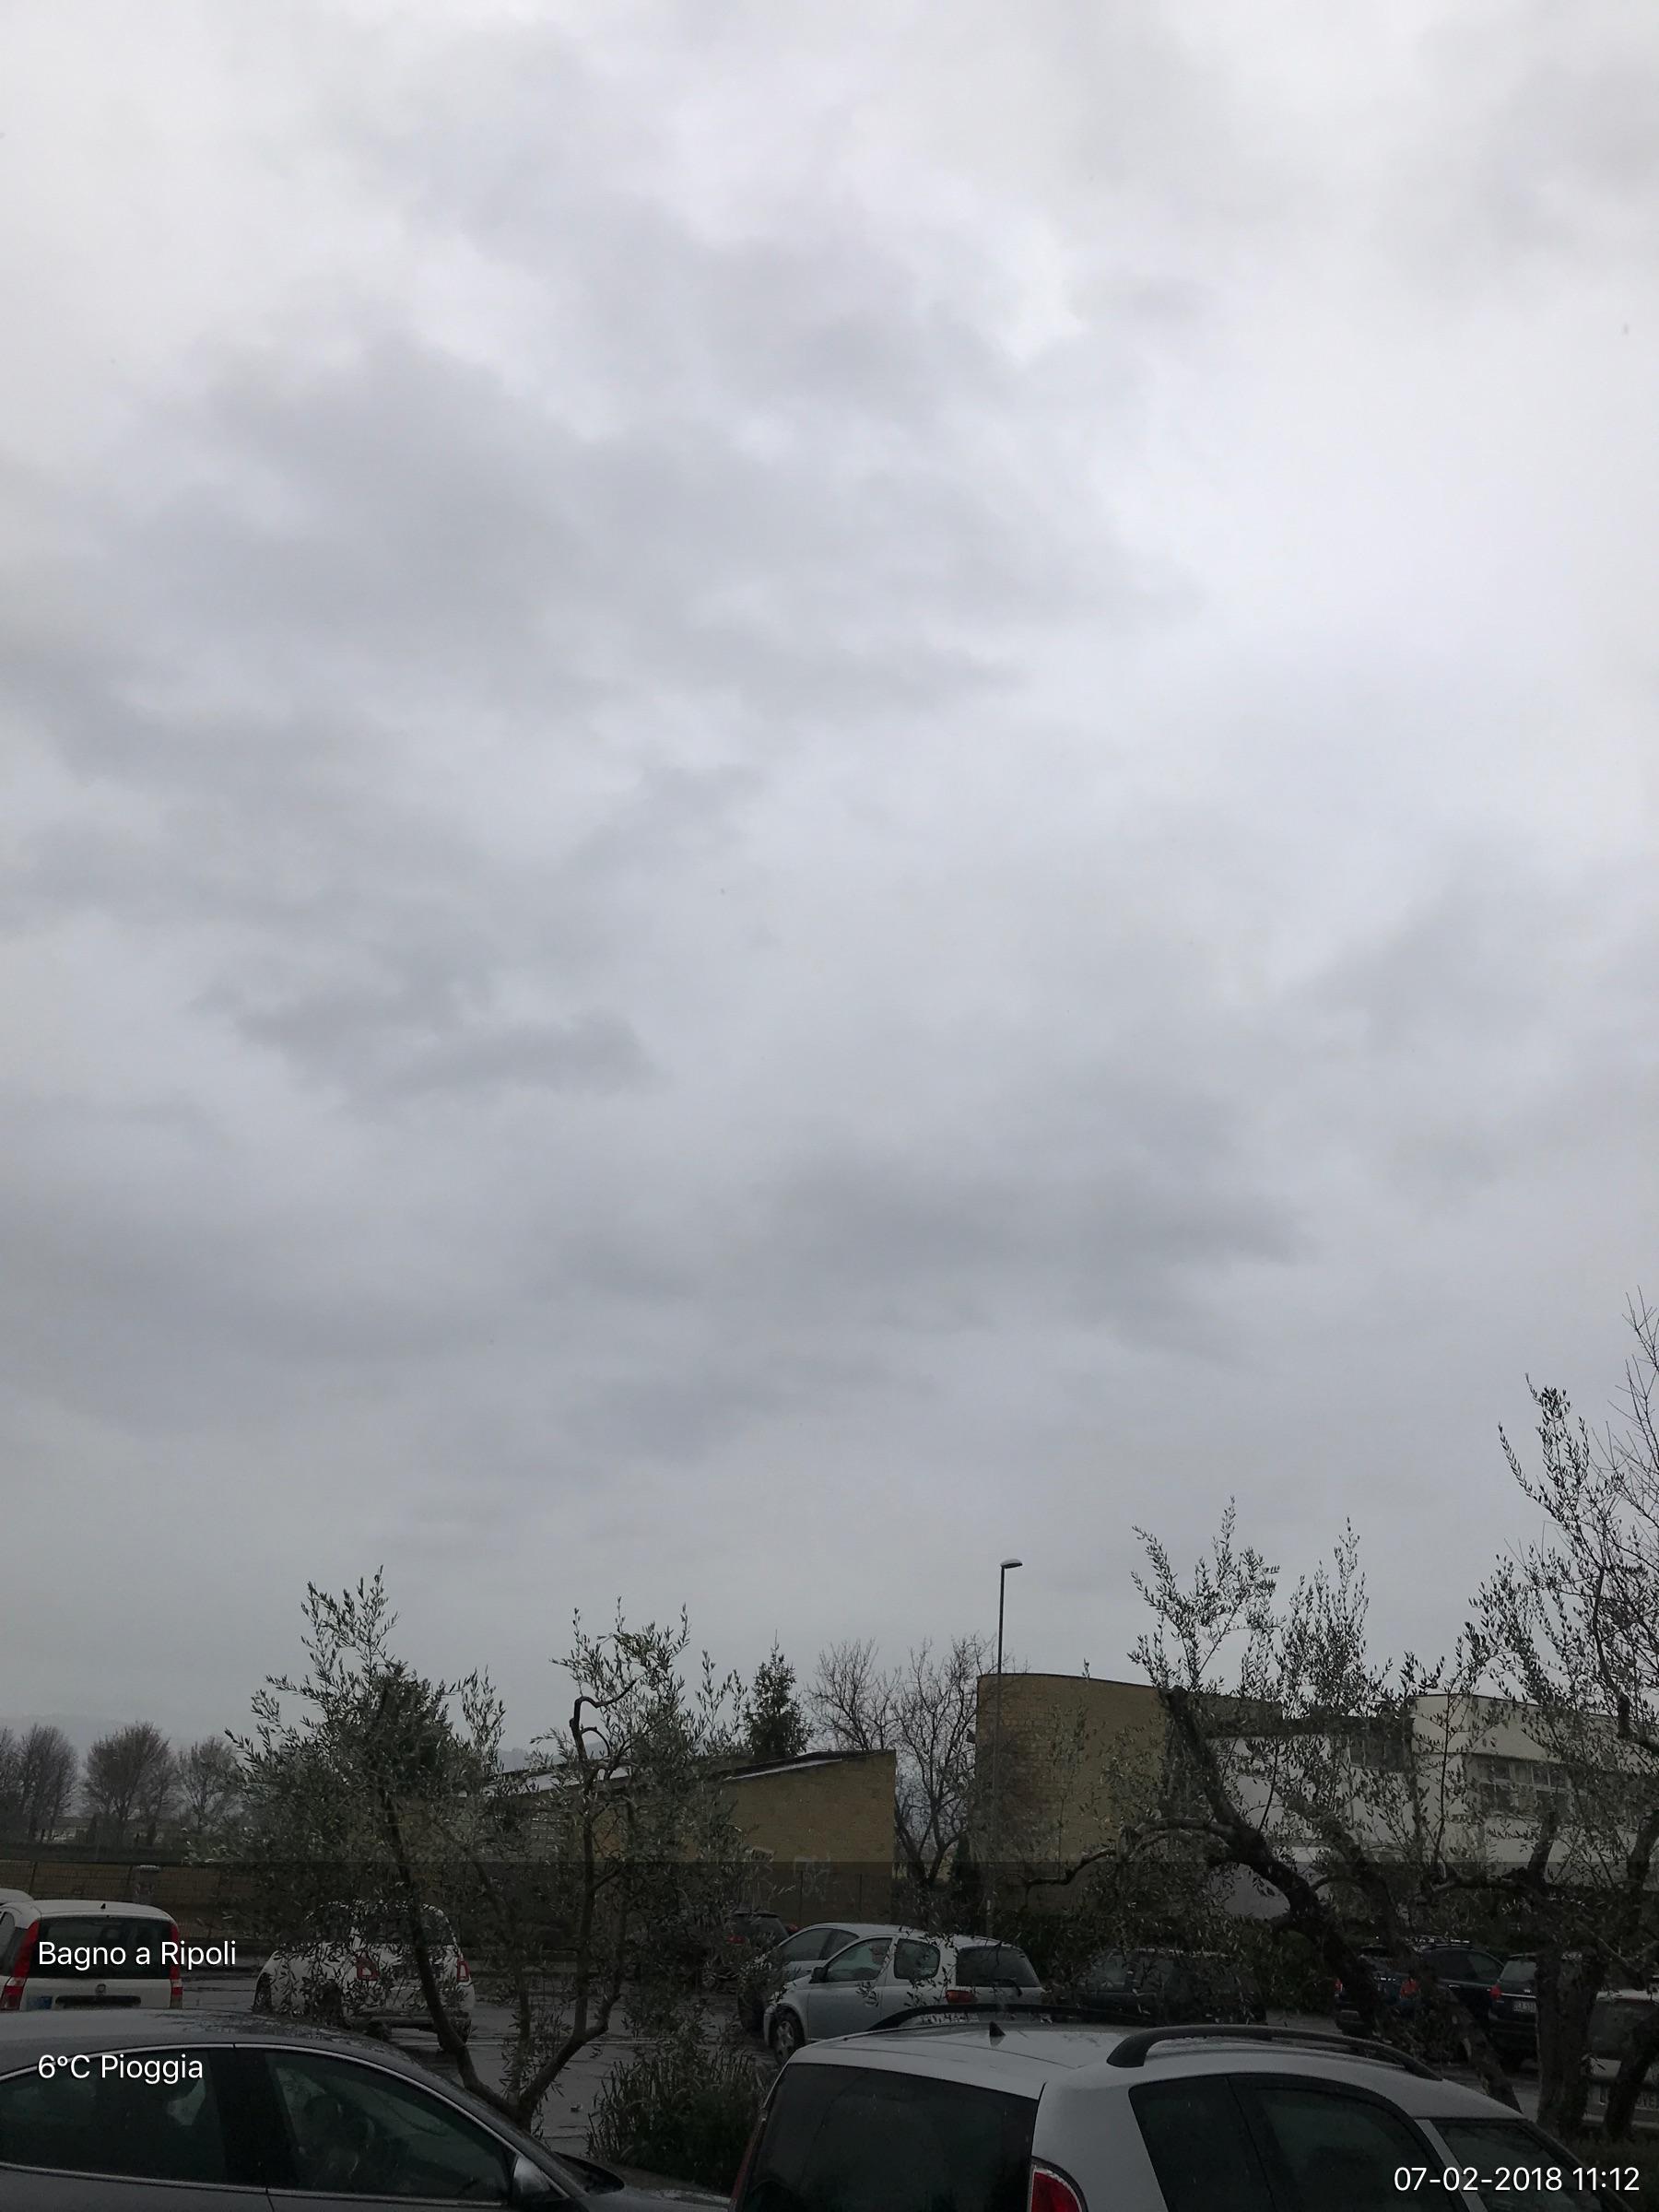 Foto meteo - Bagno a Ripoli - Bagno a Ripoli ore 11:12 » ILMETEO.it